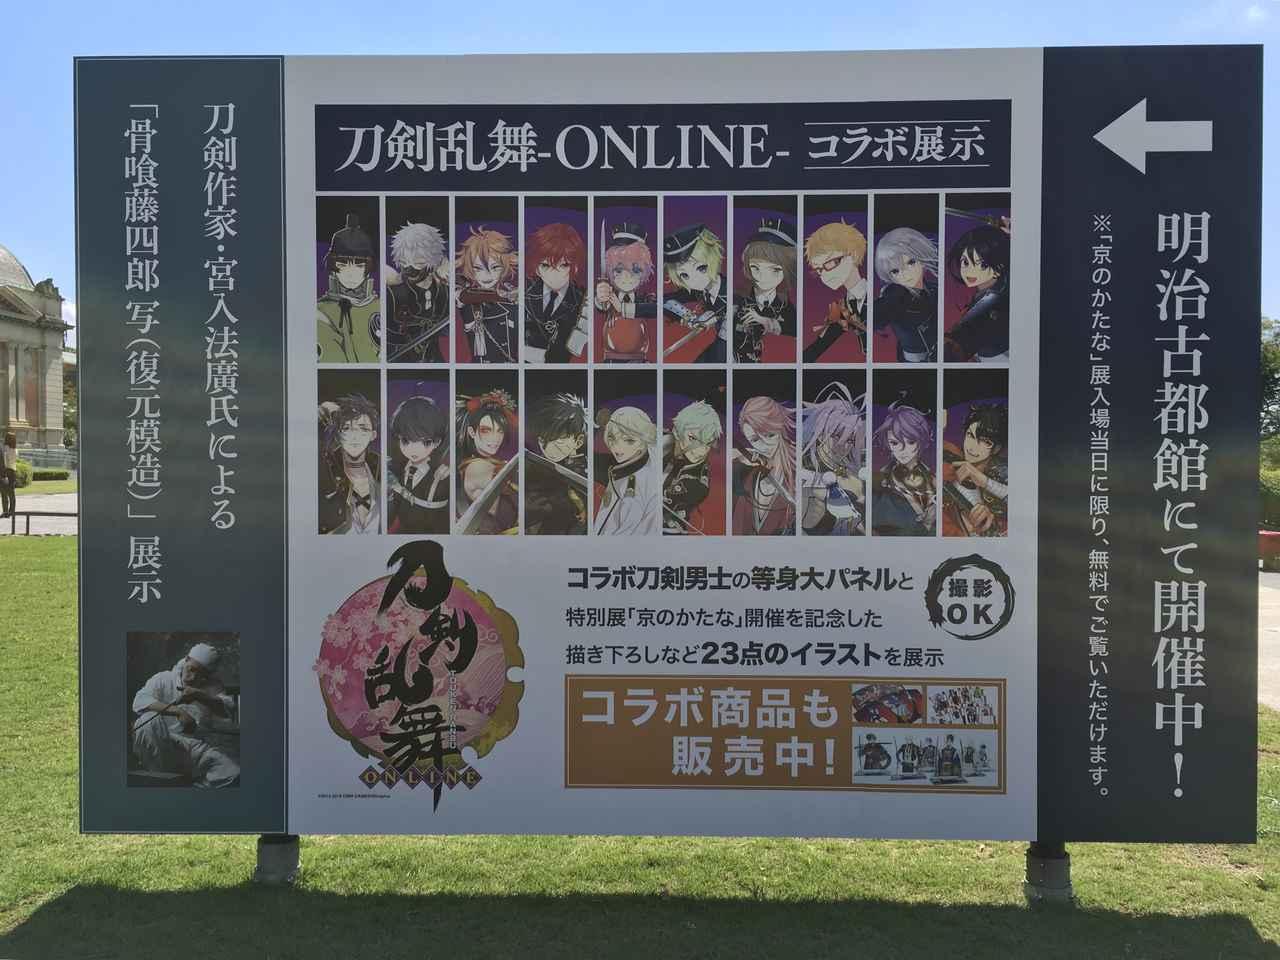 画像: 特別展「京のかたな」の「刀剣乱舞-ONLINE-コラボ展示」の案内看板 photo©︎cinefil